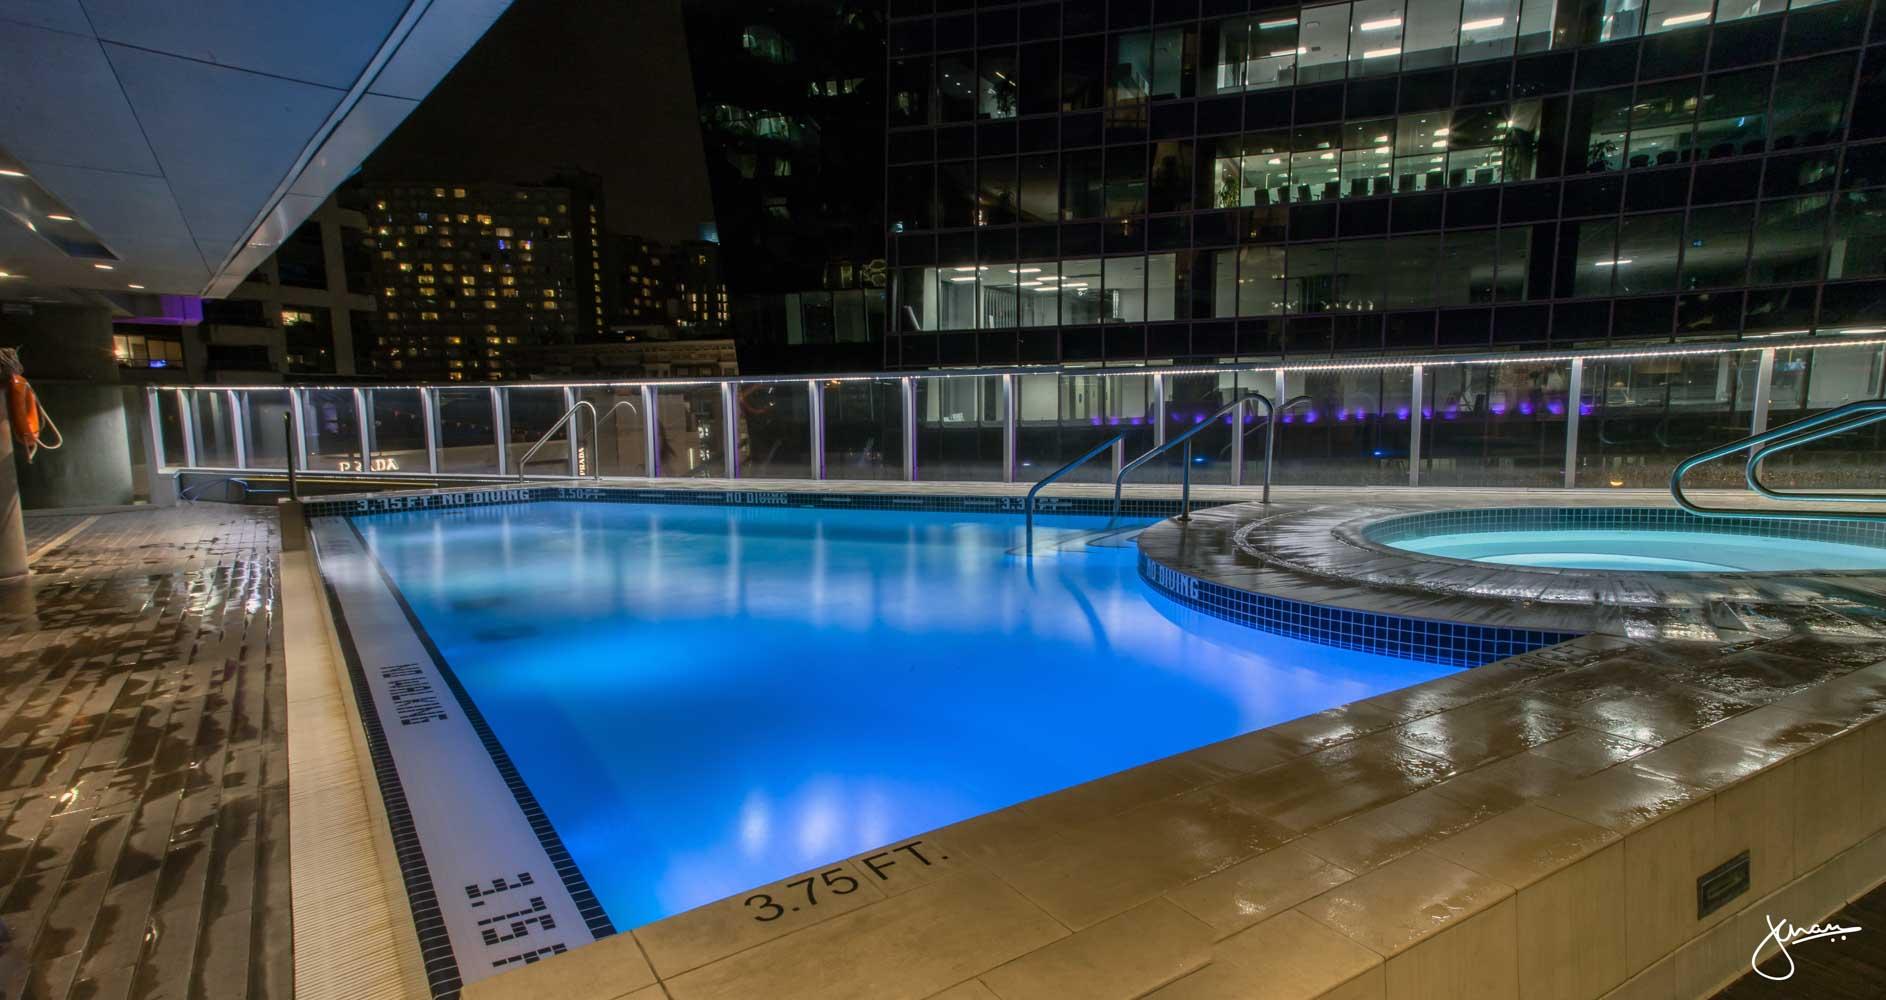 Shangri-la Pool at Night